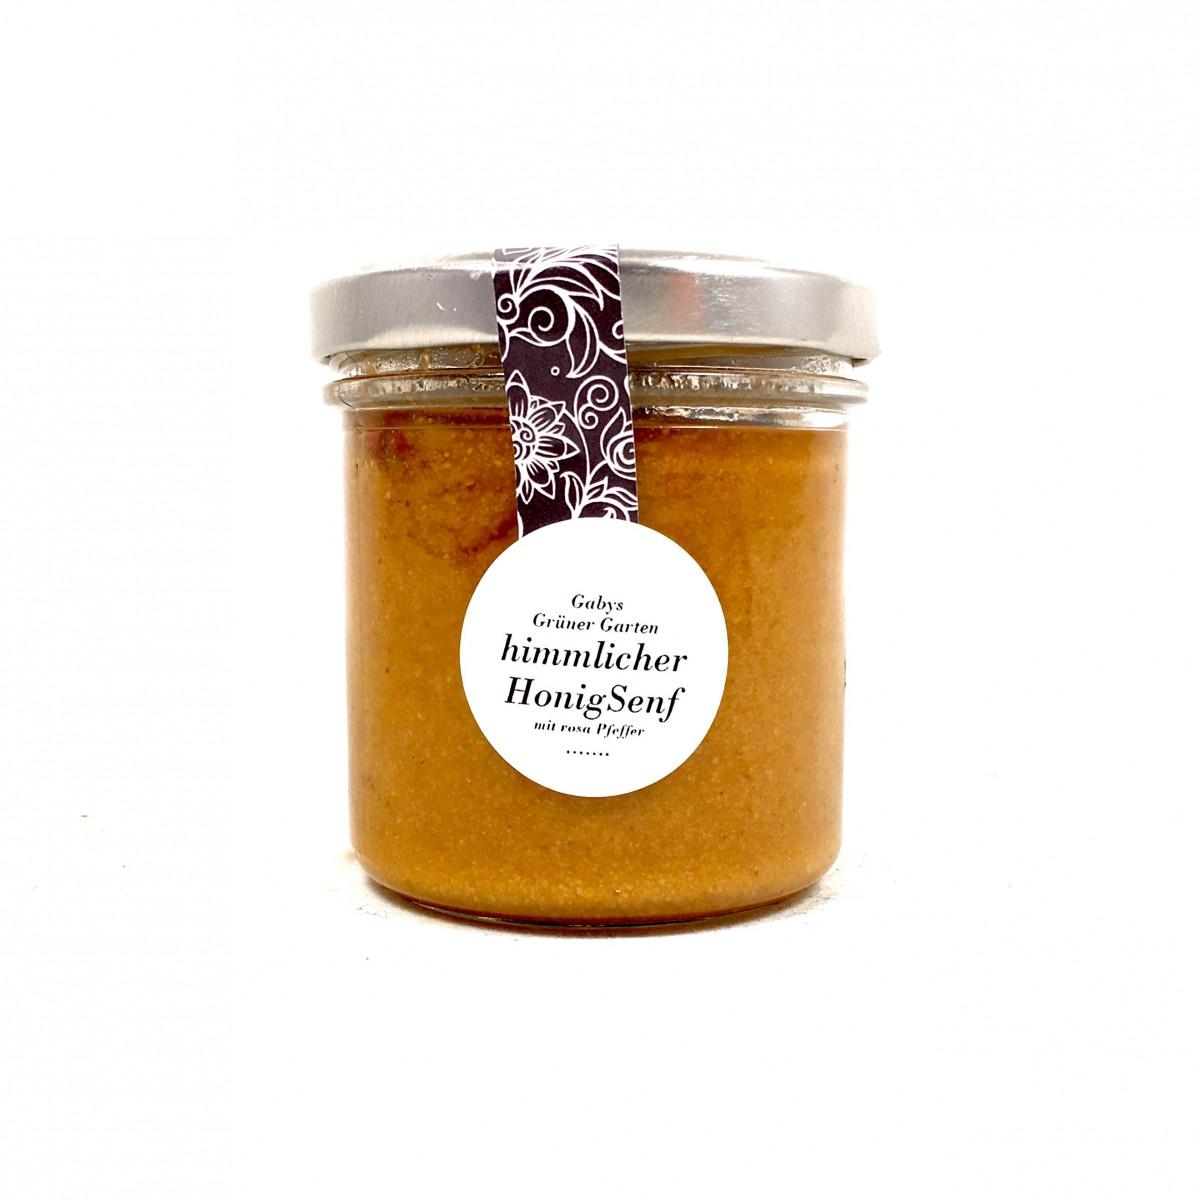 Gabys Grüner Garten himmlischer Honig Senf 165g